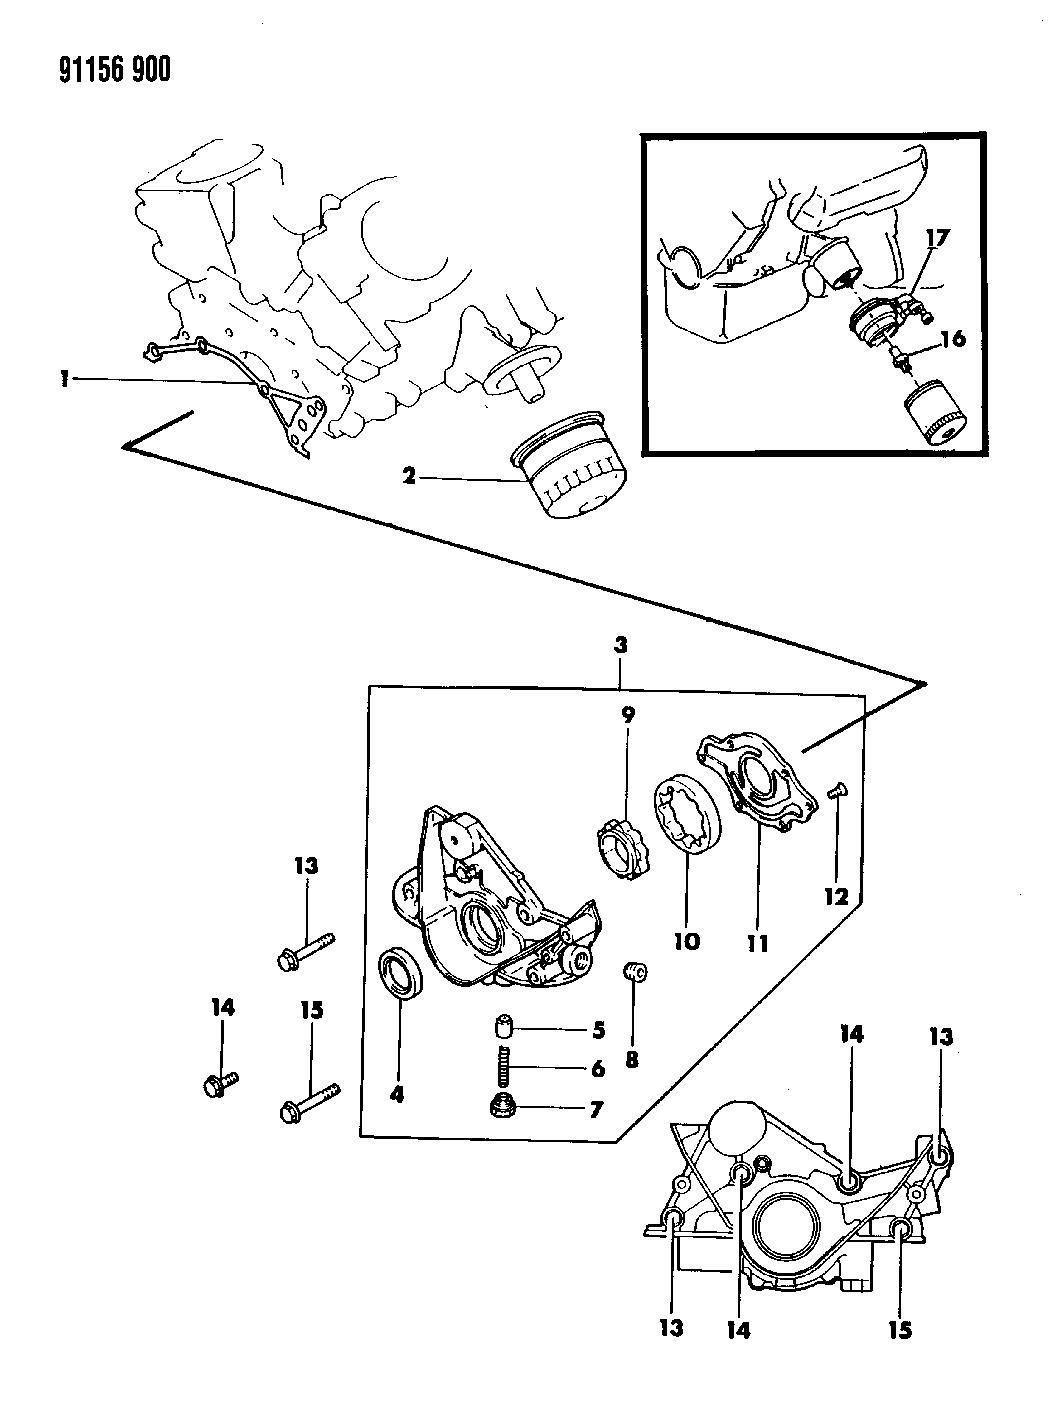 1991 dodge grand caravan oil pump & oil filter  1991 dodge grand caravan engine diagram #45